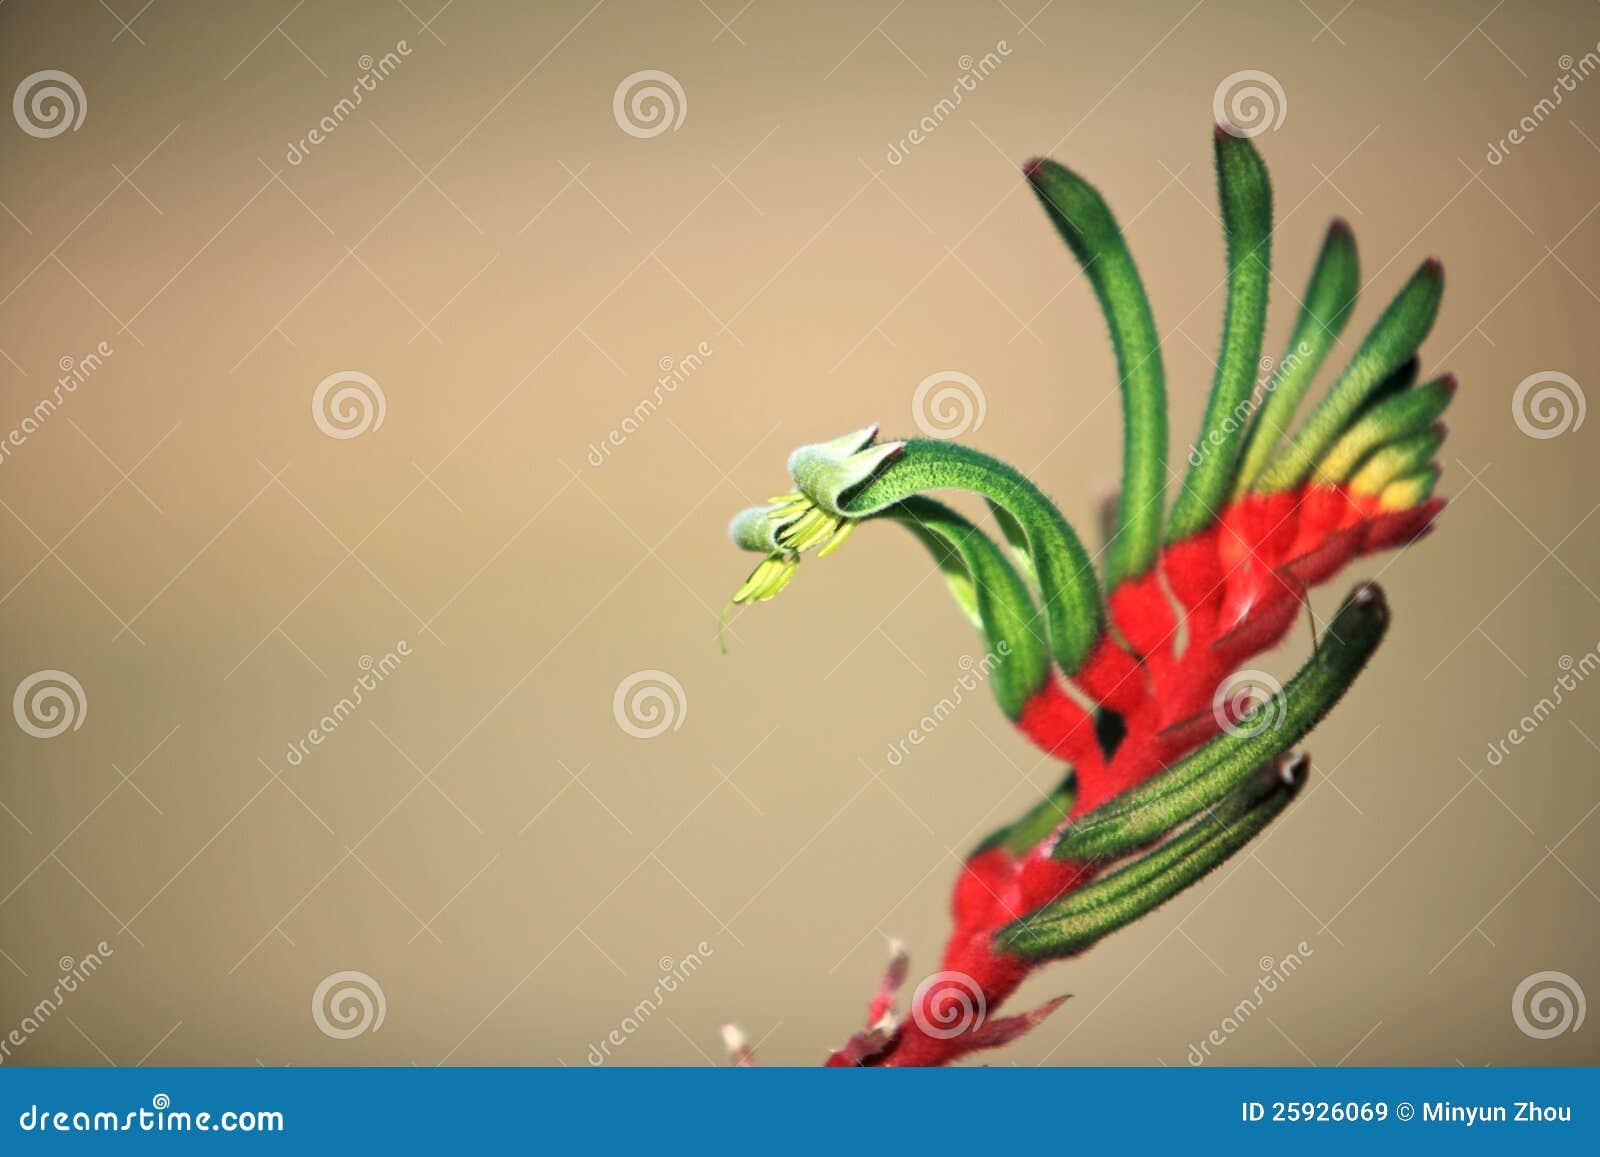 Fleurs Patte De Kangourou Australienne Image Stock Image Du